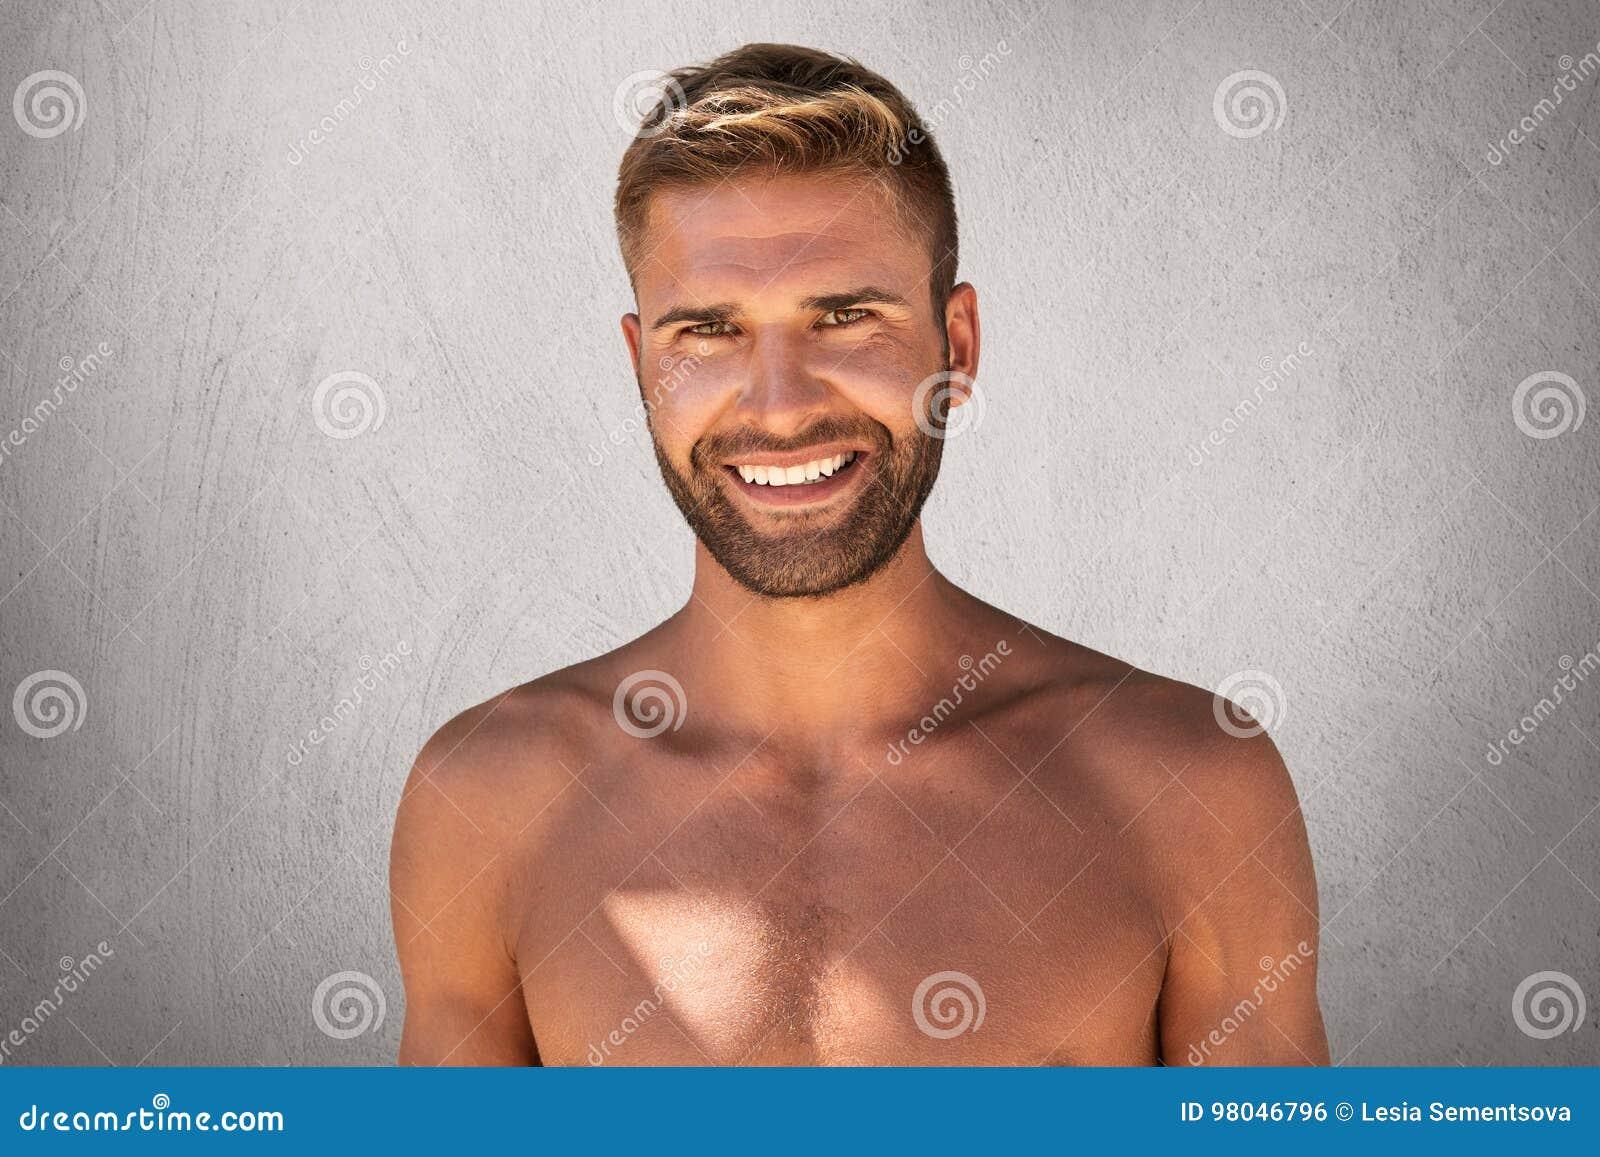 Hombre Sonriente Desnudo Con El Peinado Elegante Los Ojos Oscuros